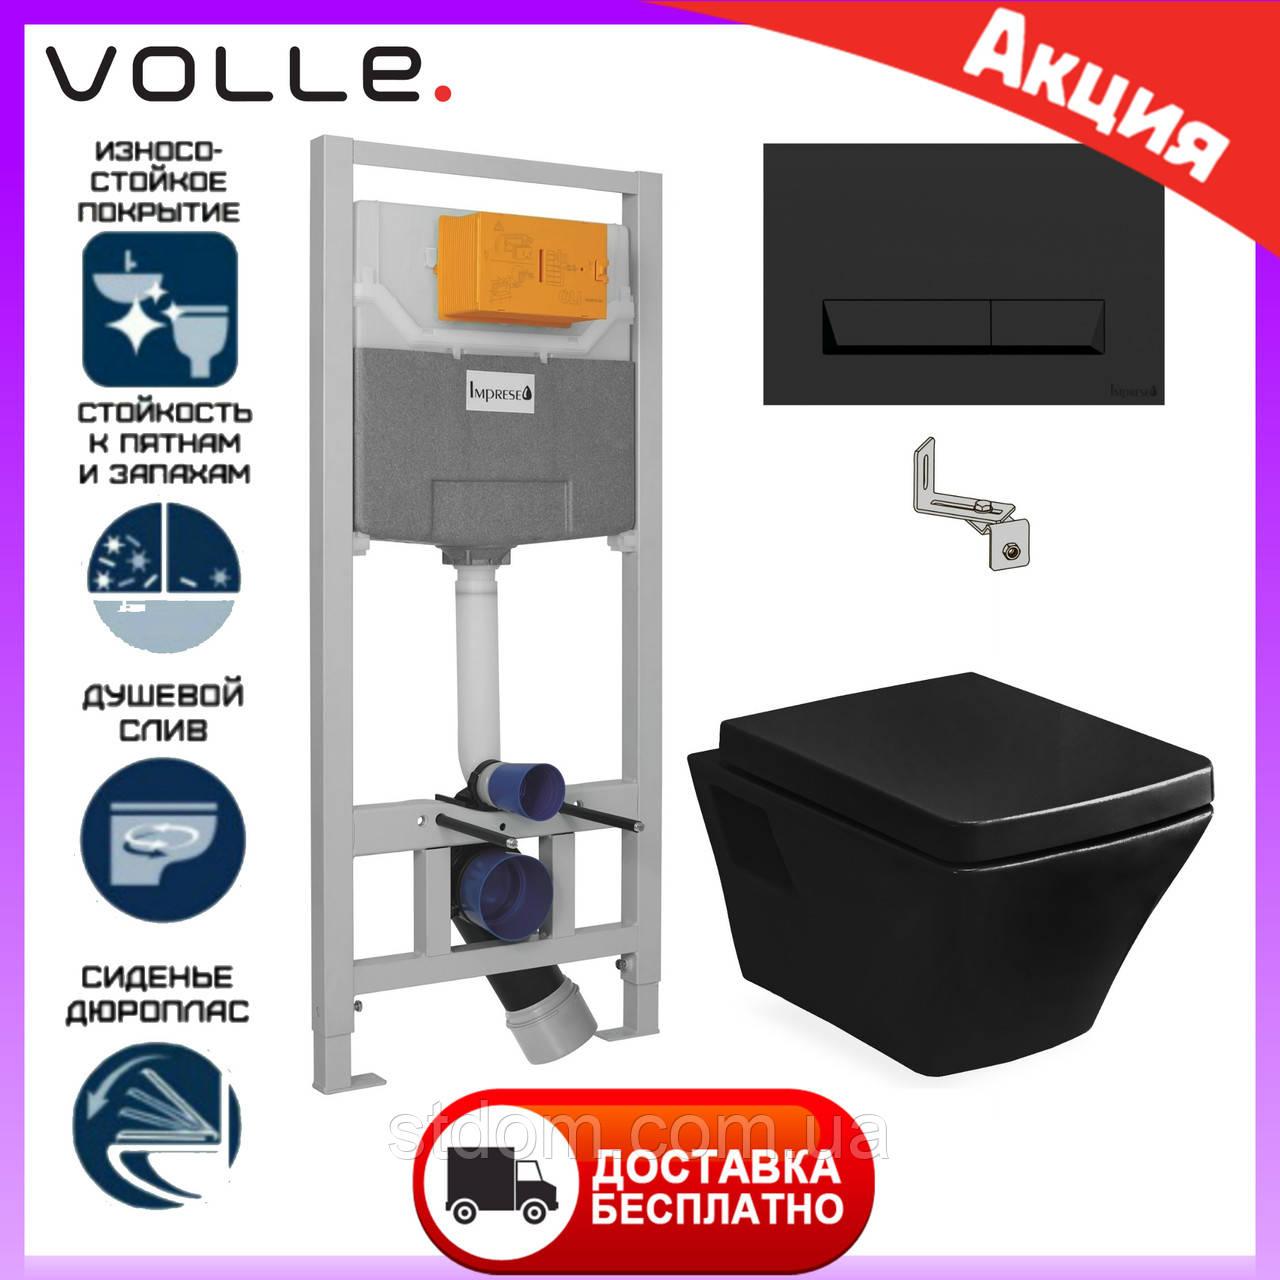 Подвесной унитаз черный Volle Teo 13-88-422 + инсталляция Imprese. Черный подвесной унитаз с инсталляцией